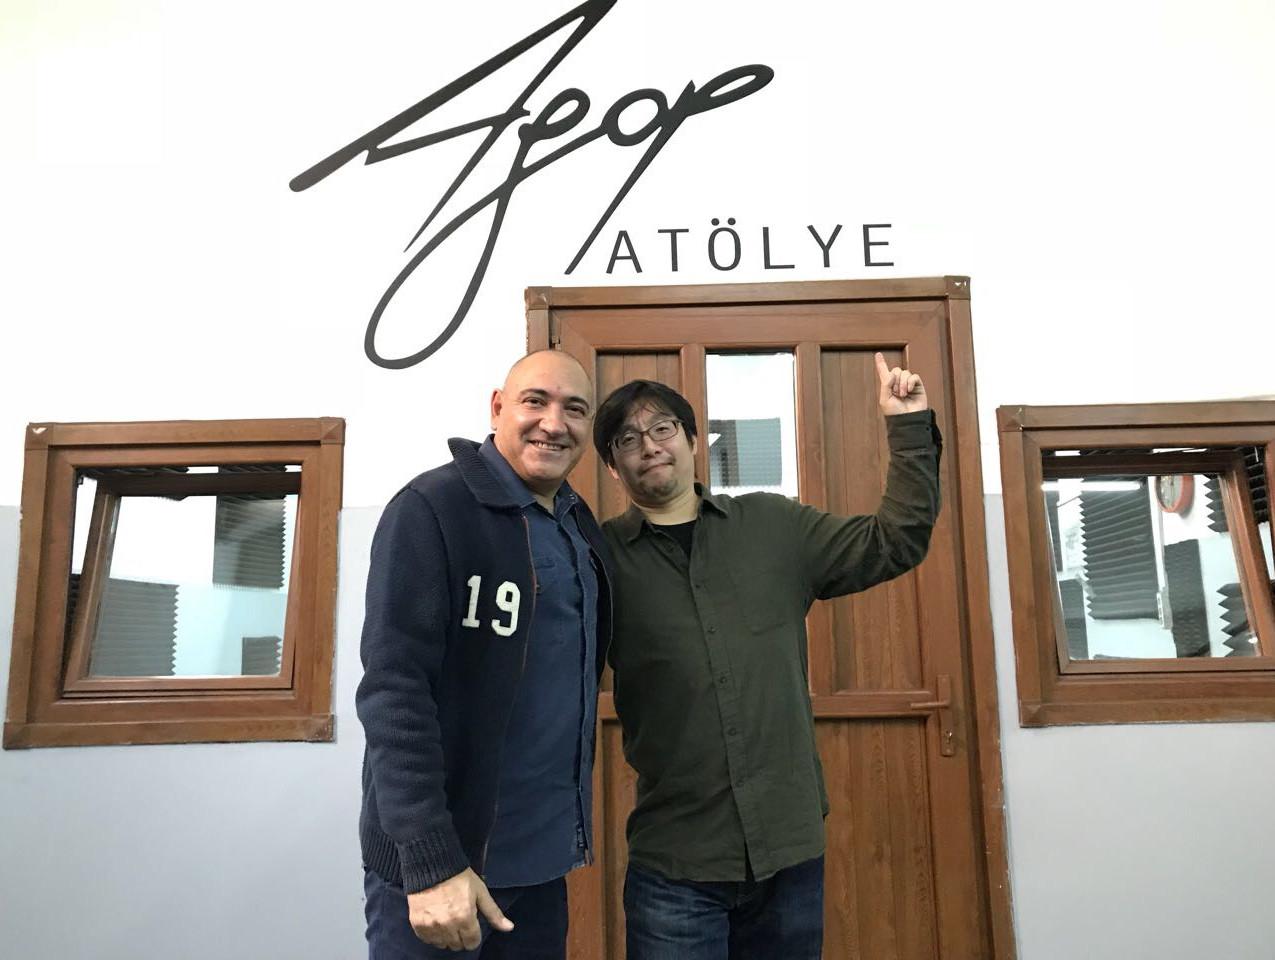 アゴップ社 社長アーマン氏と自慢のアトリエの前でパシャリ